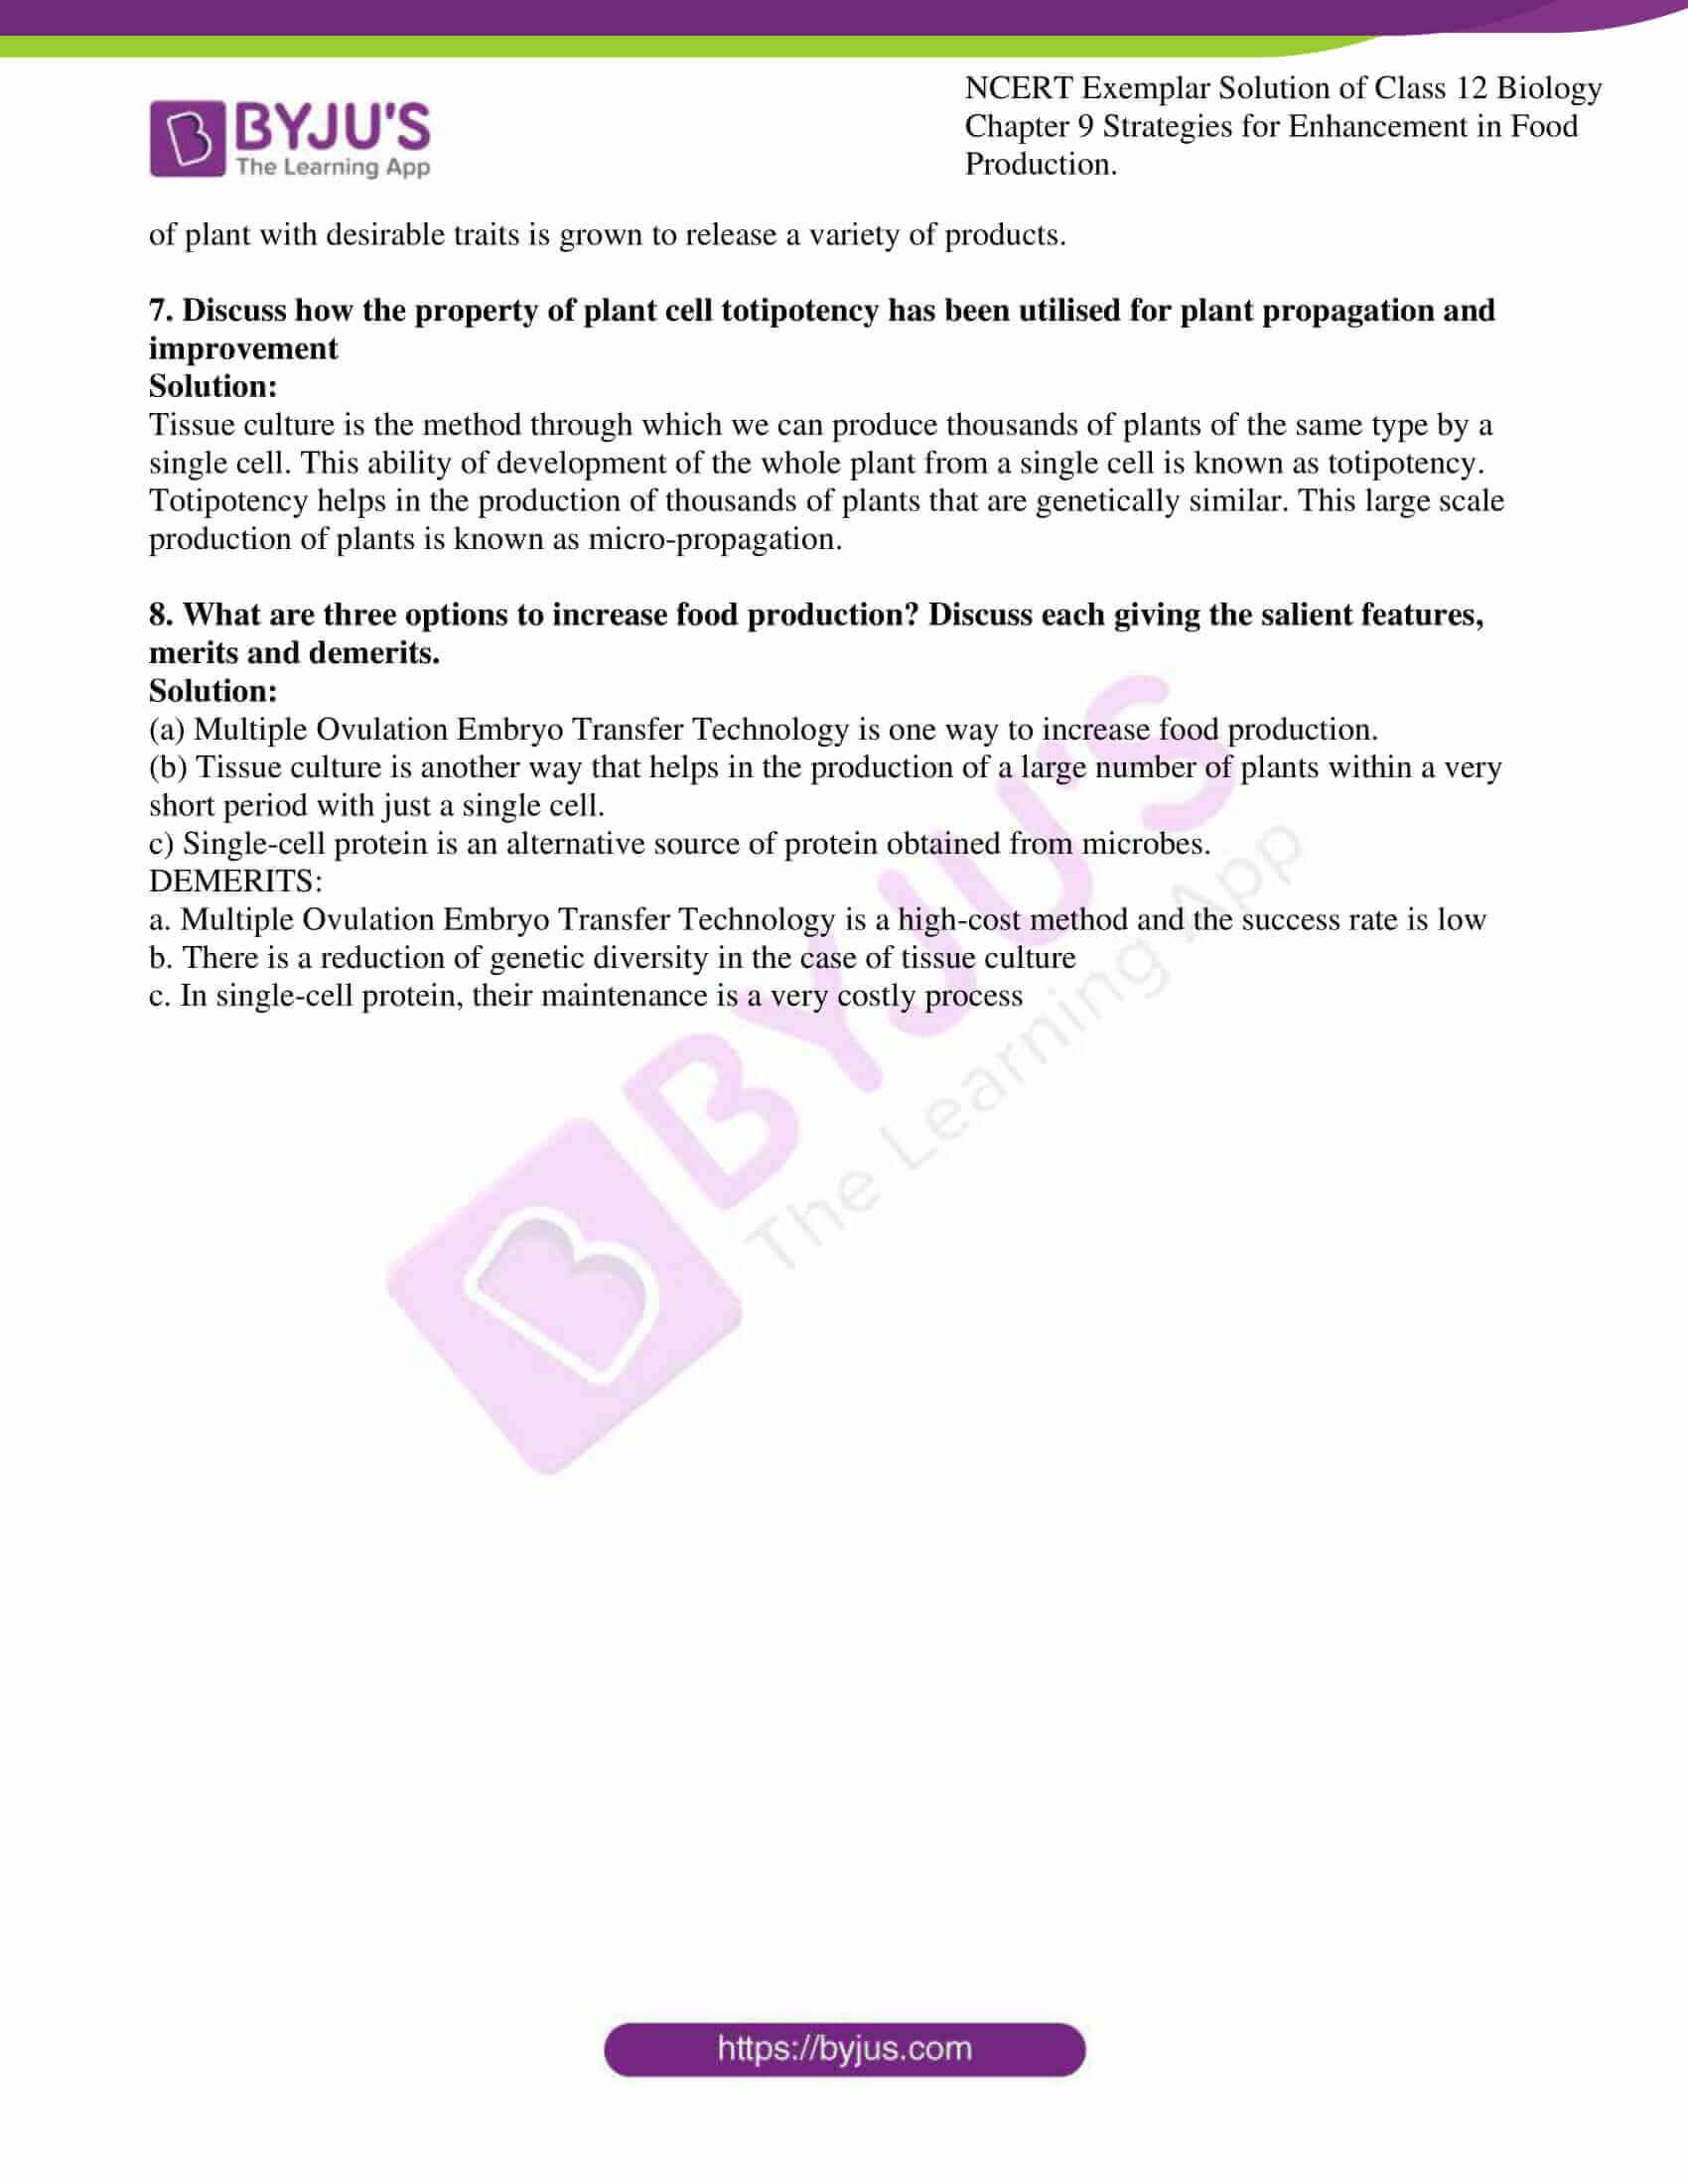 ncert exemplar solution of class 12 biology chapter 9 14